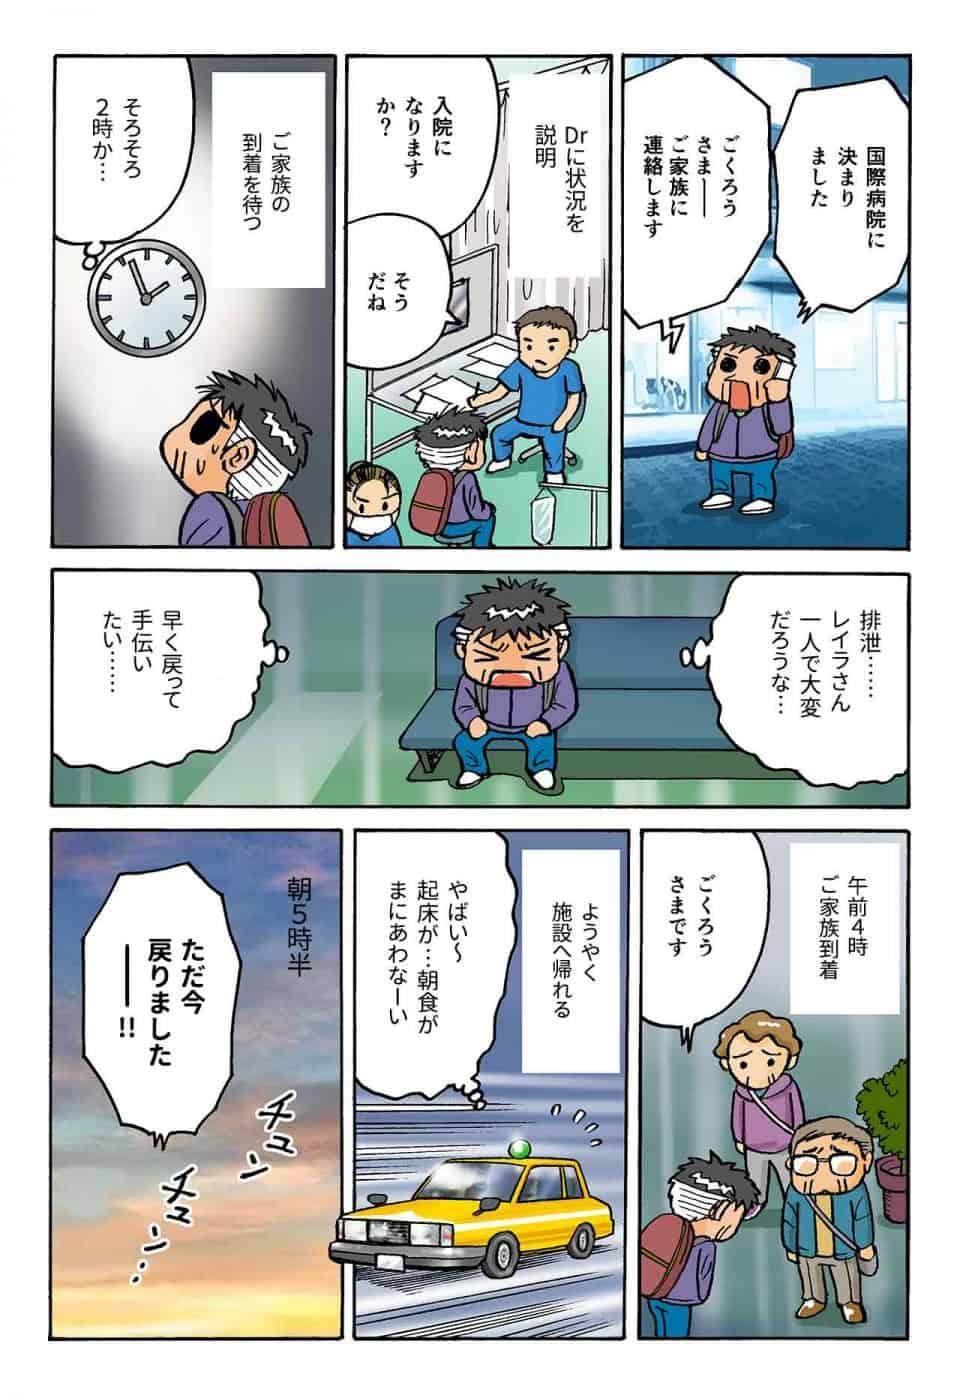 介護施設の夜勤で救急搬送_介護漫画_八万介助_11-7